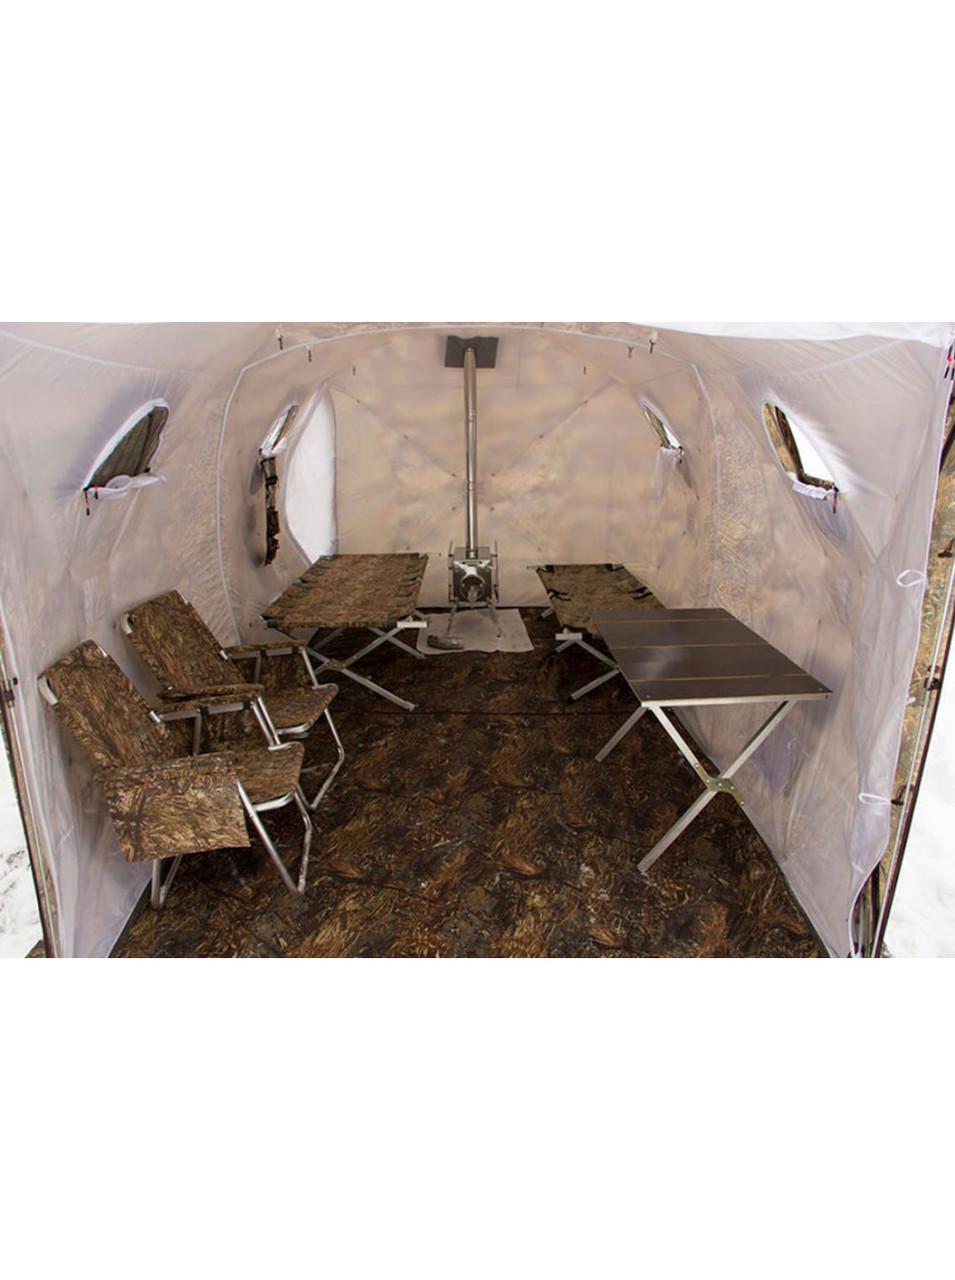 Палатка всесезонная Берег Кубоид 3.60 двухслойная, непромокаемый пол из ПВХ размер 3,6 x 1,8 x 1,9 м - фото 6